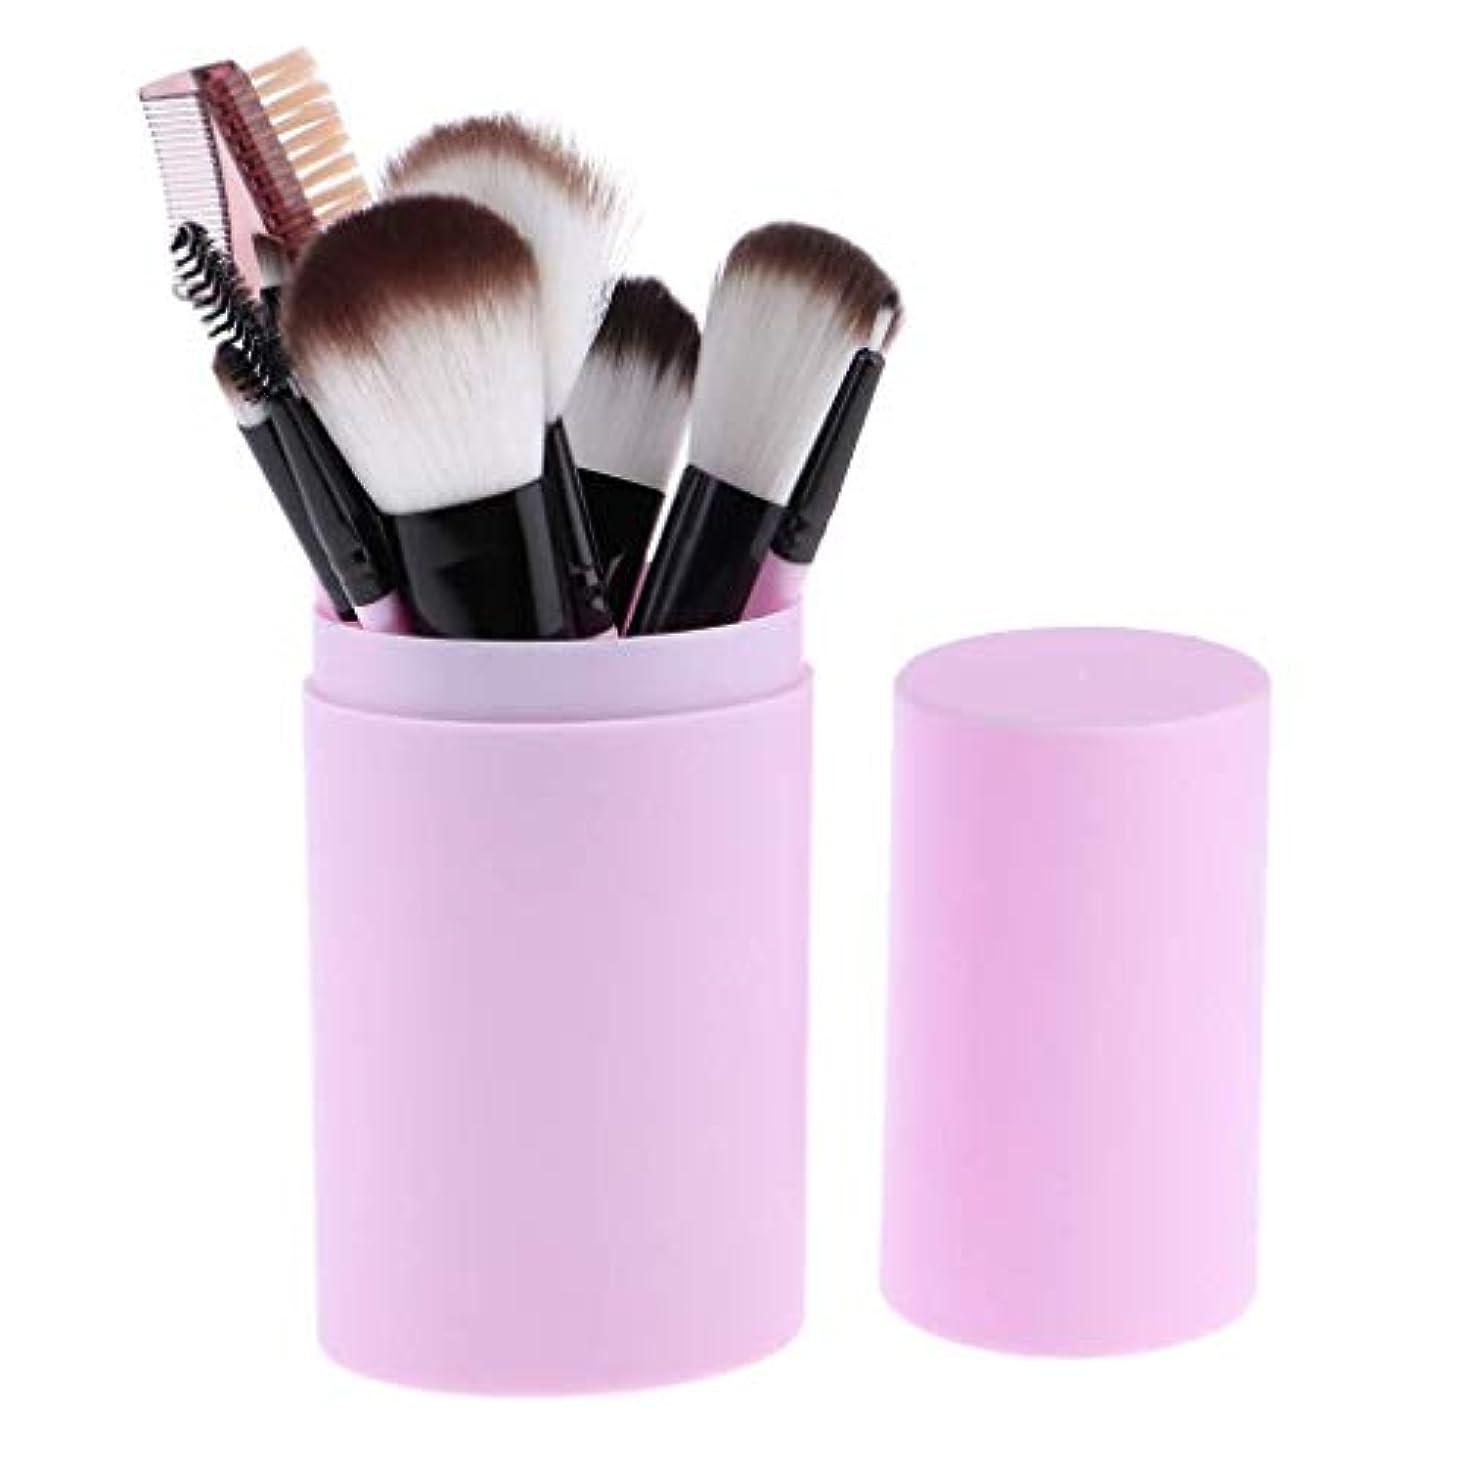 キャンセルに渡ってばかMakeup brushes スミア、持ち運びにやさしい、12ピース高品質木製ハンドル化粧ブラシセット(収納バケツ化粧ブラシセット) suits (Color : Purple)